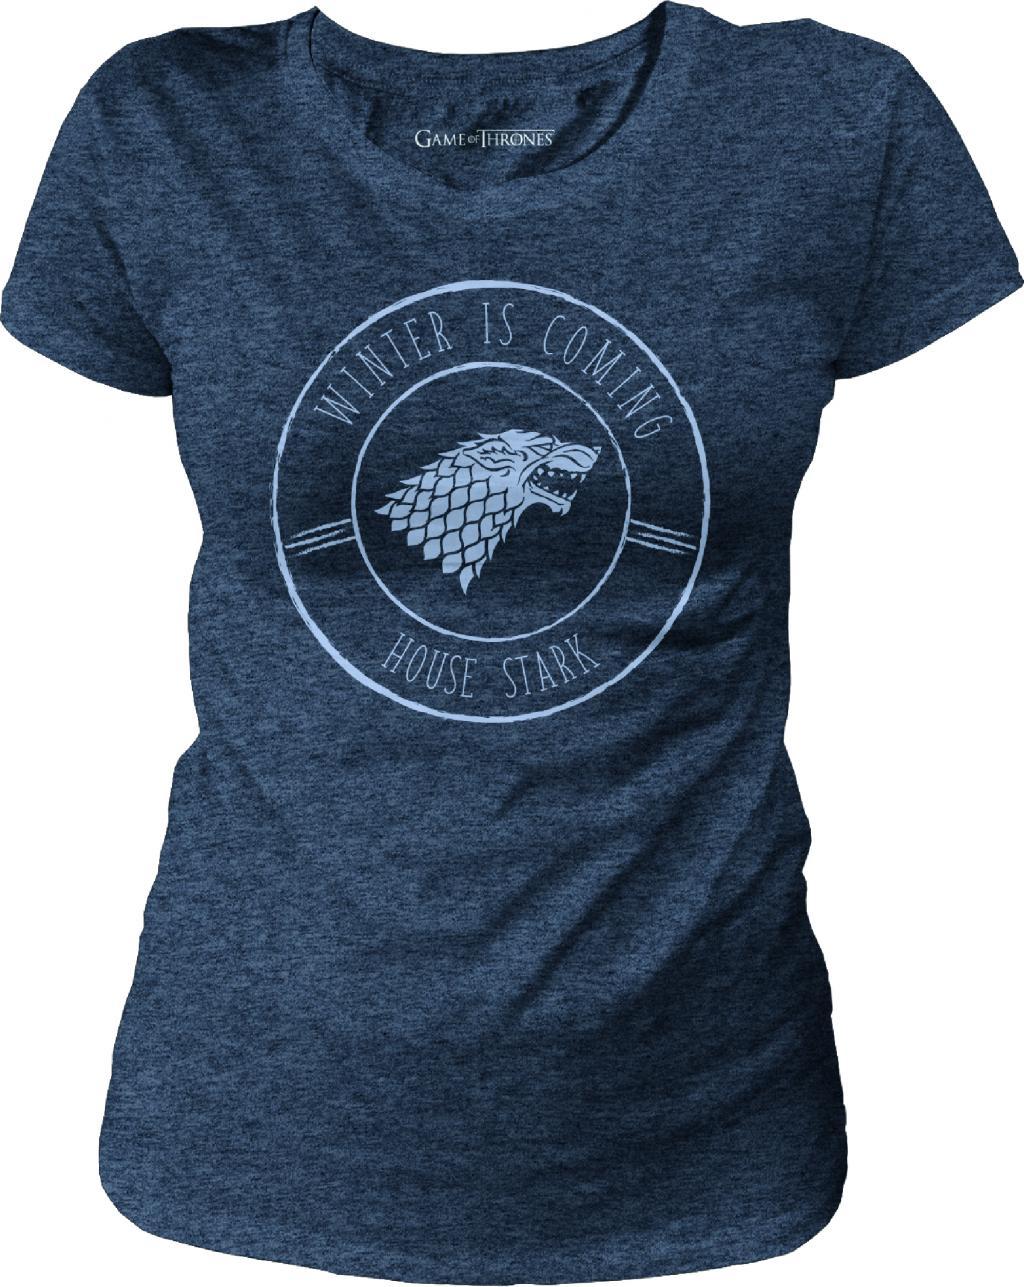 GAME OF THRONES - T-Shirt Stark Blason - GIRL (M)